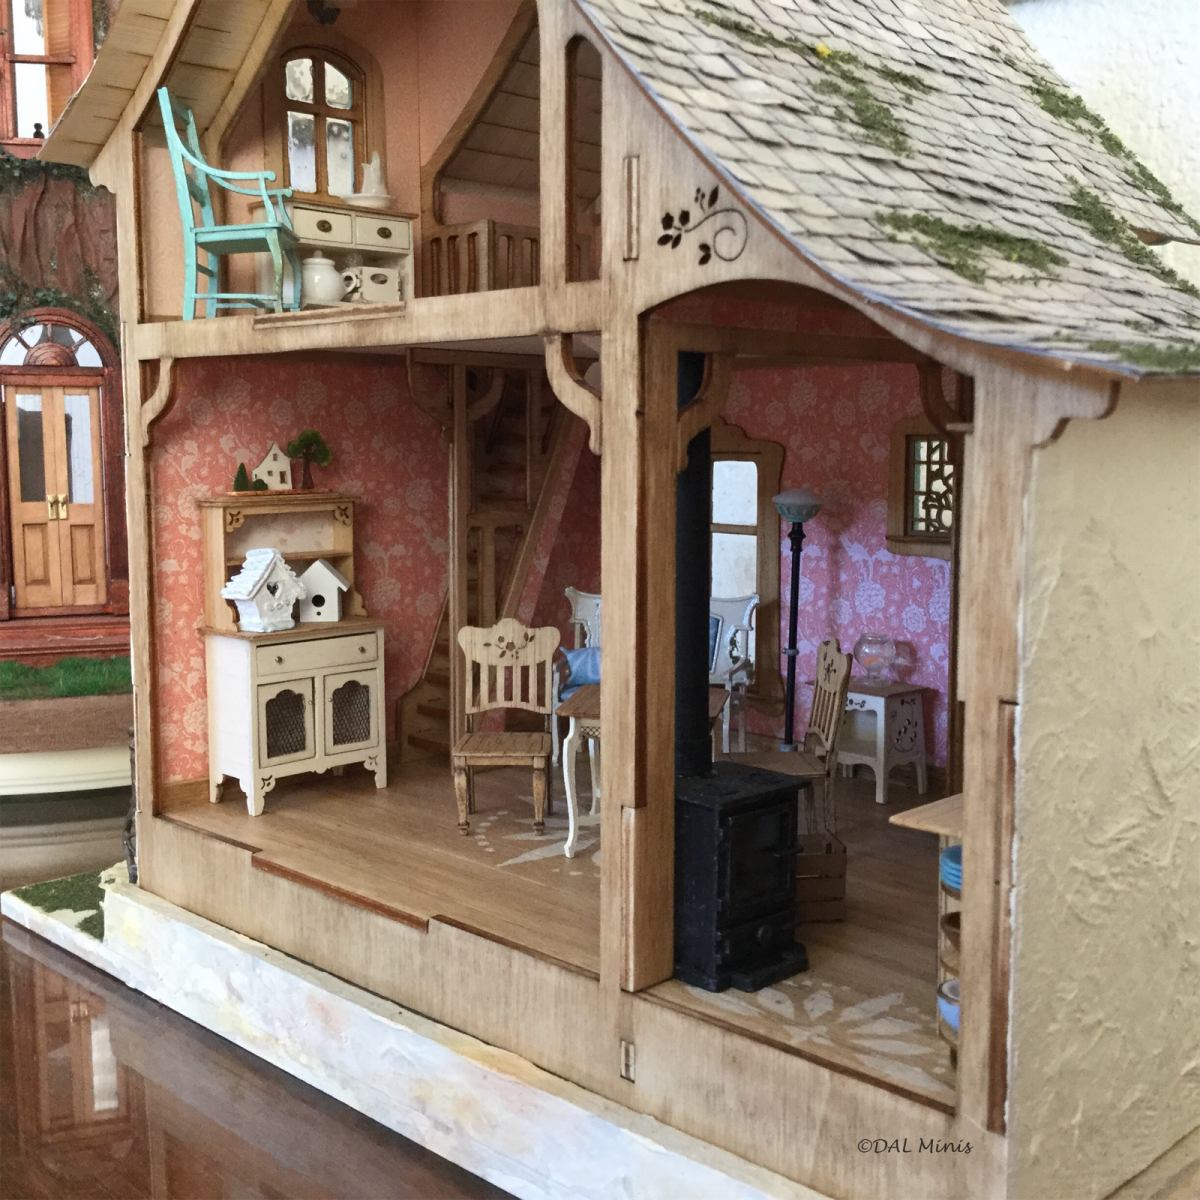 Diorama in situ